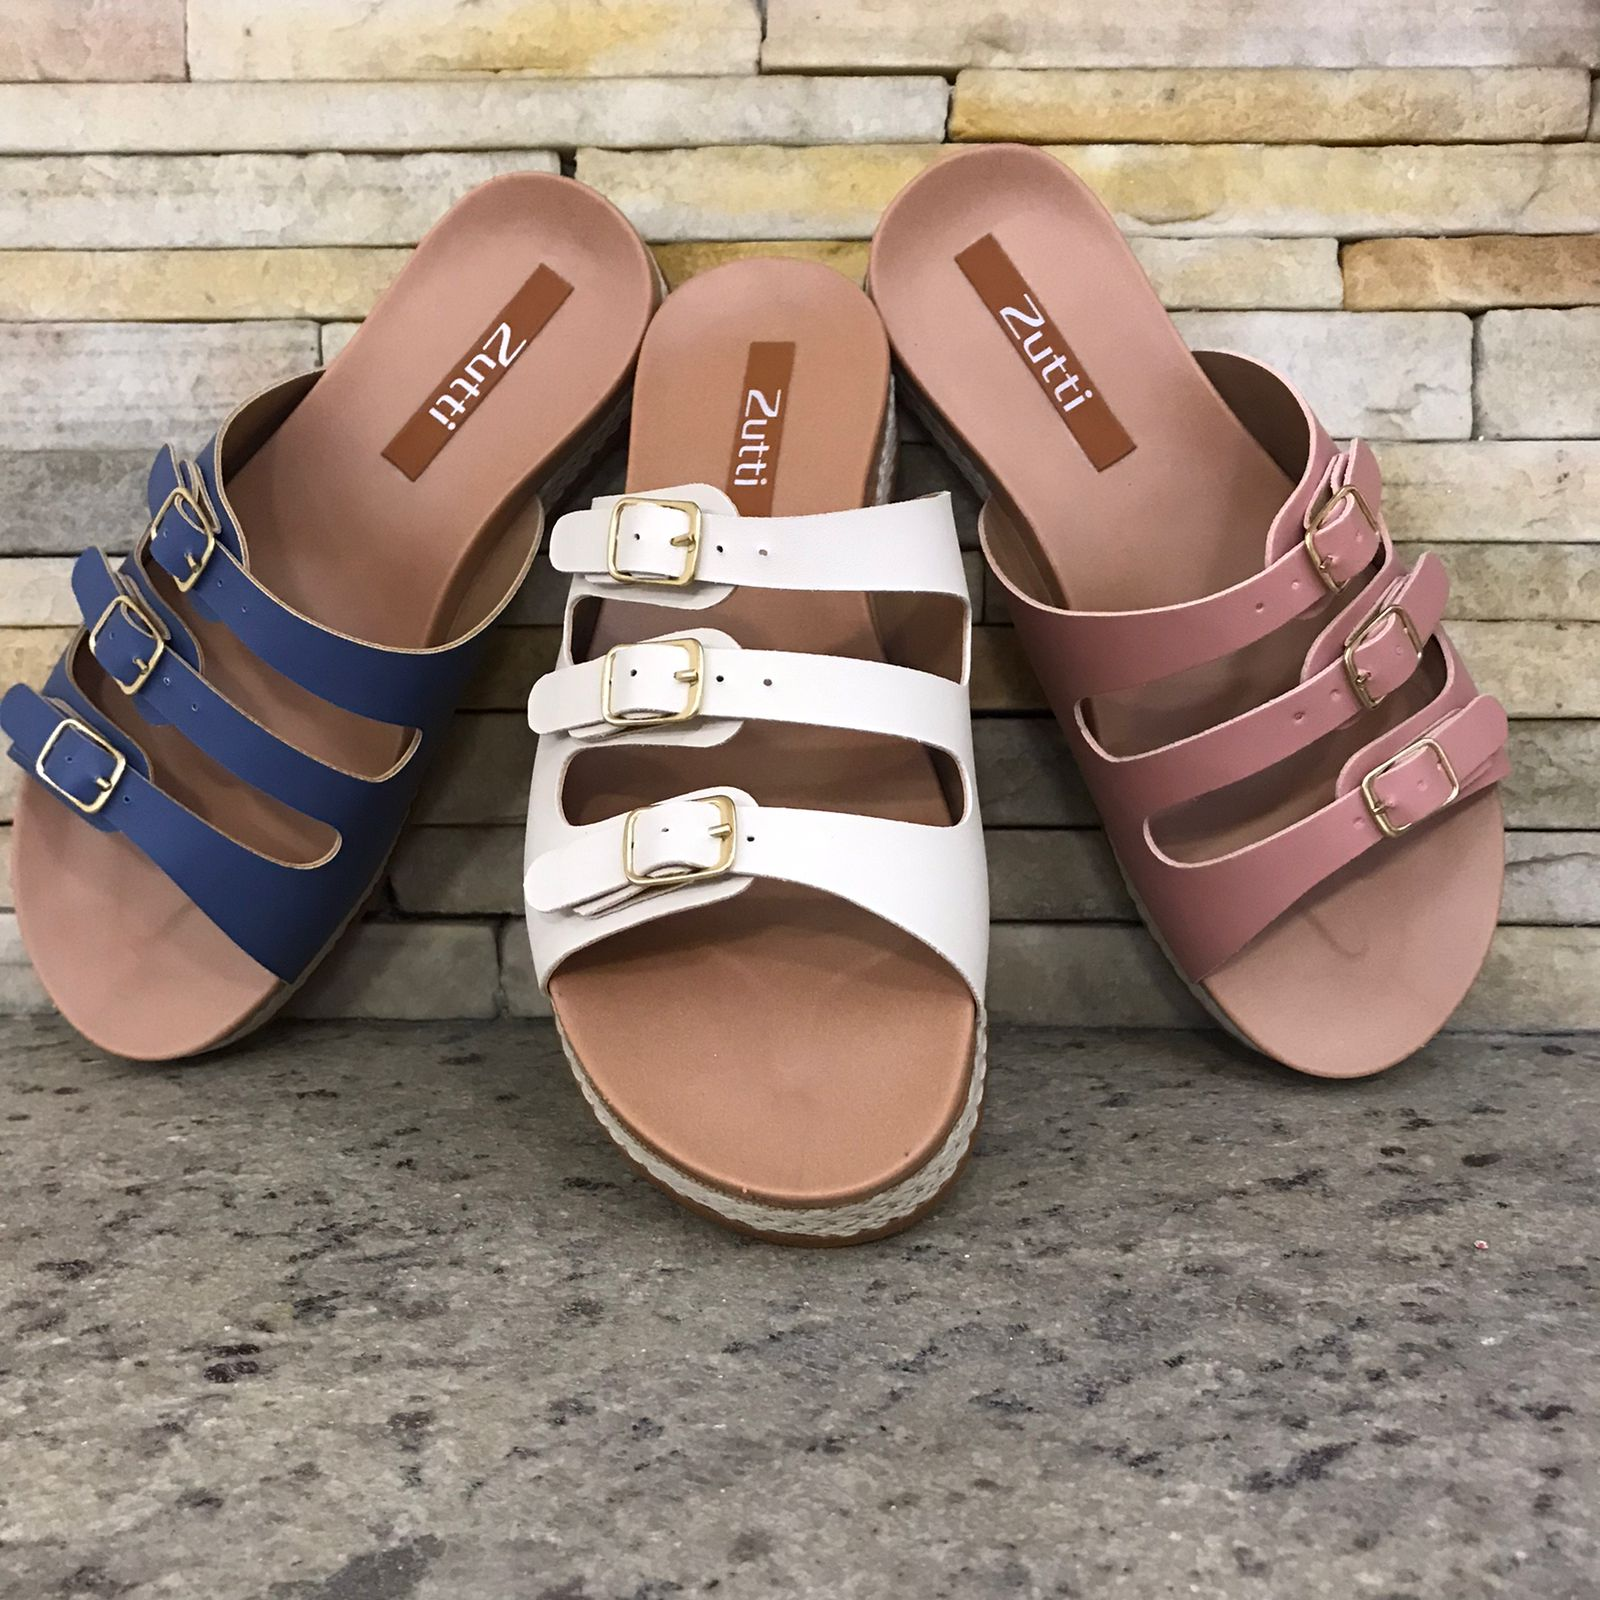 Sandália flatform conforto com tiras